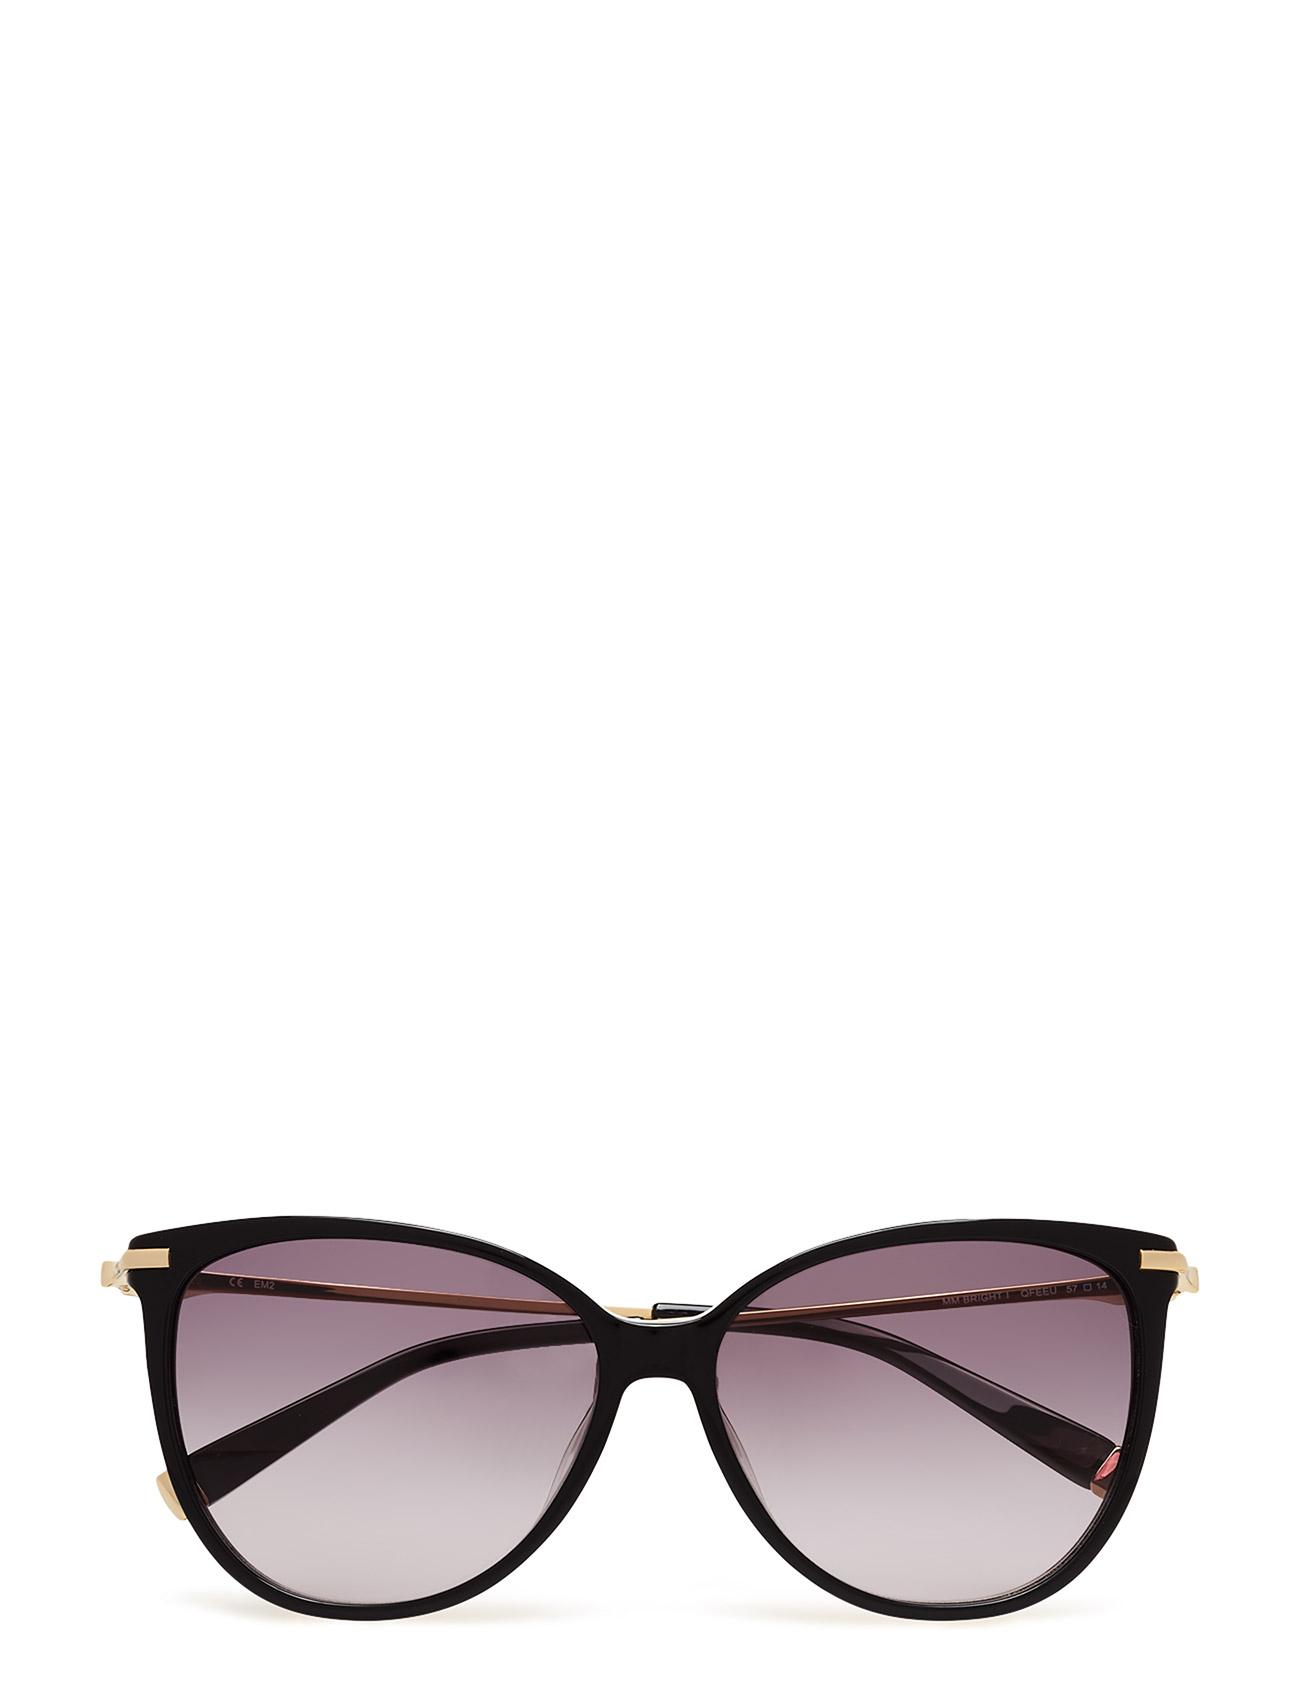 Mm Bright I MAXMARA Sunglasses Solbriller til Damer i